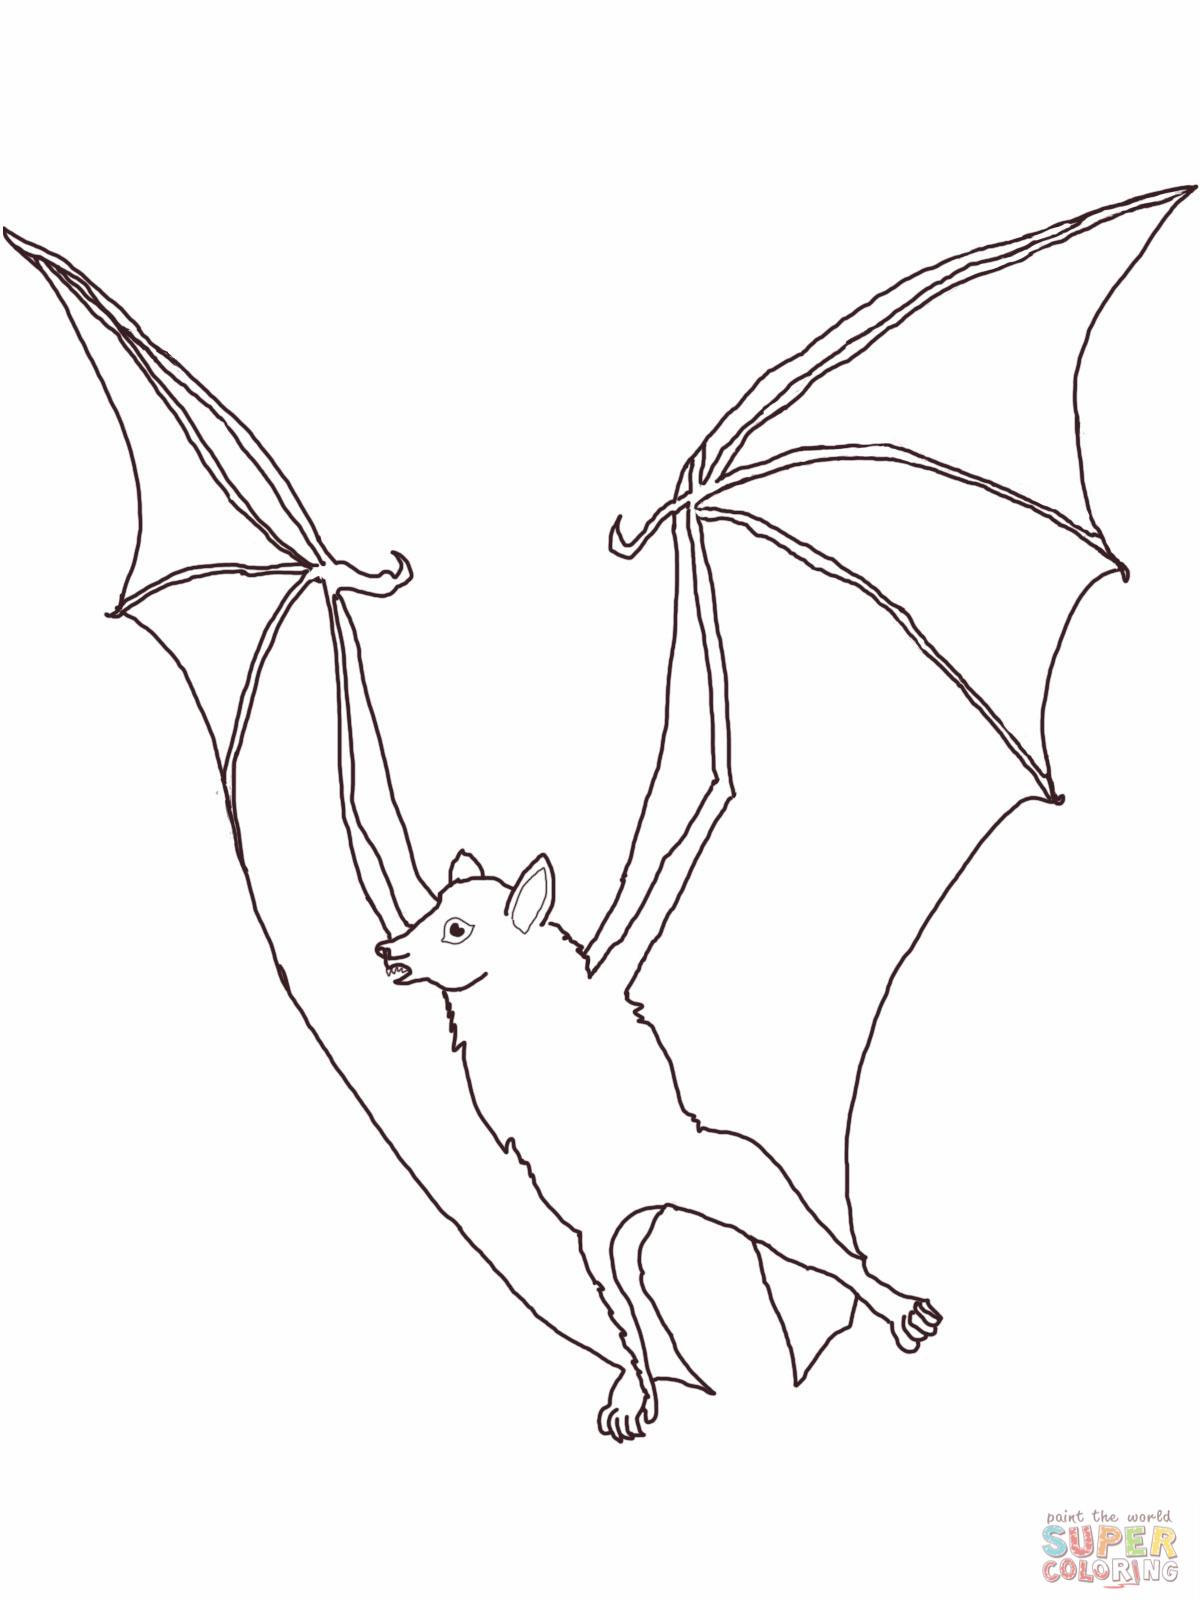 1200x1600 Fruit Bat Coloring Page Fruit Bats Bats